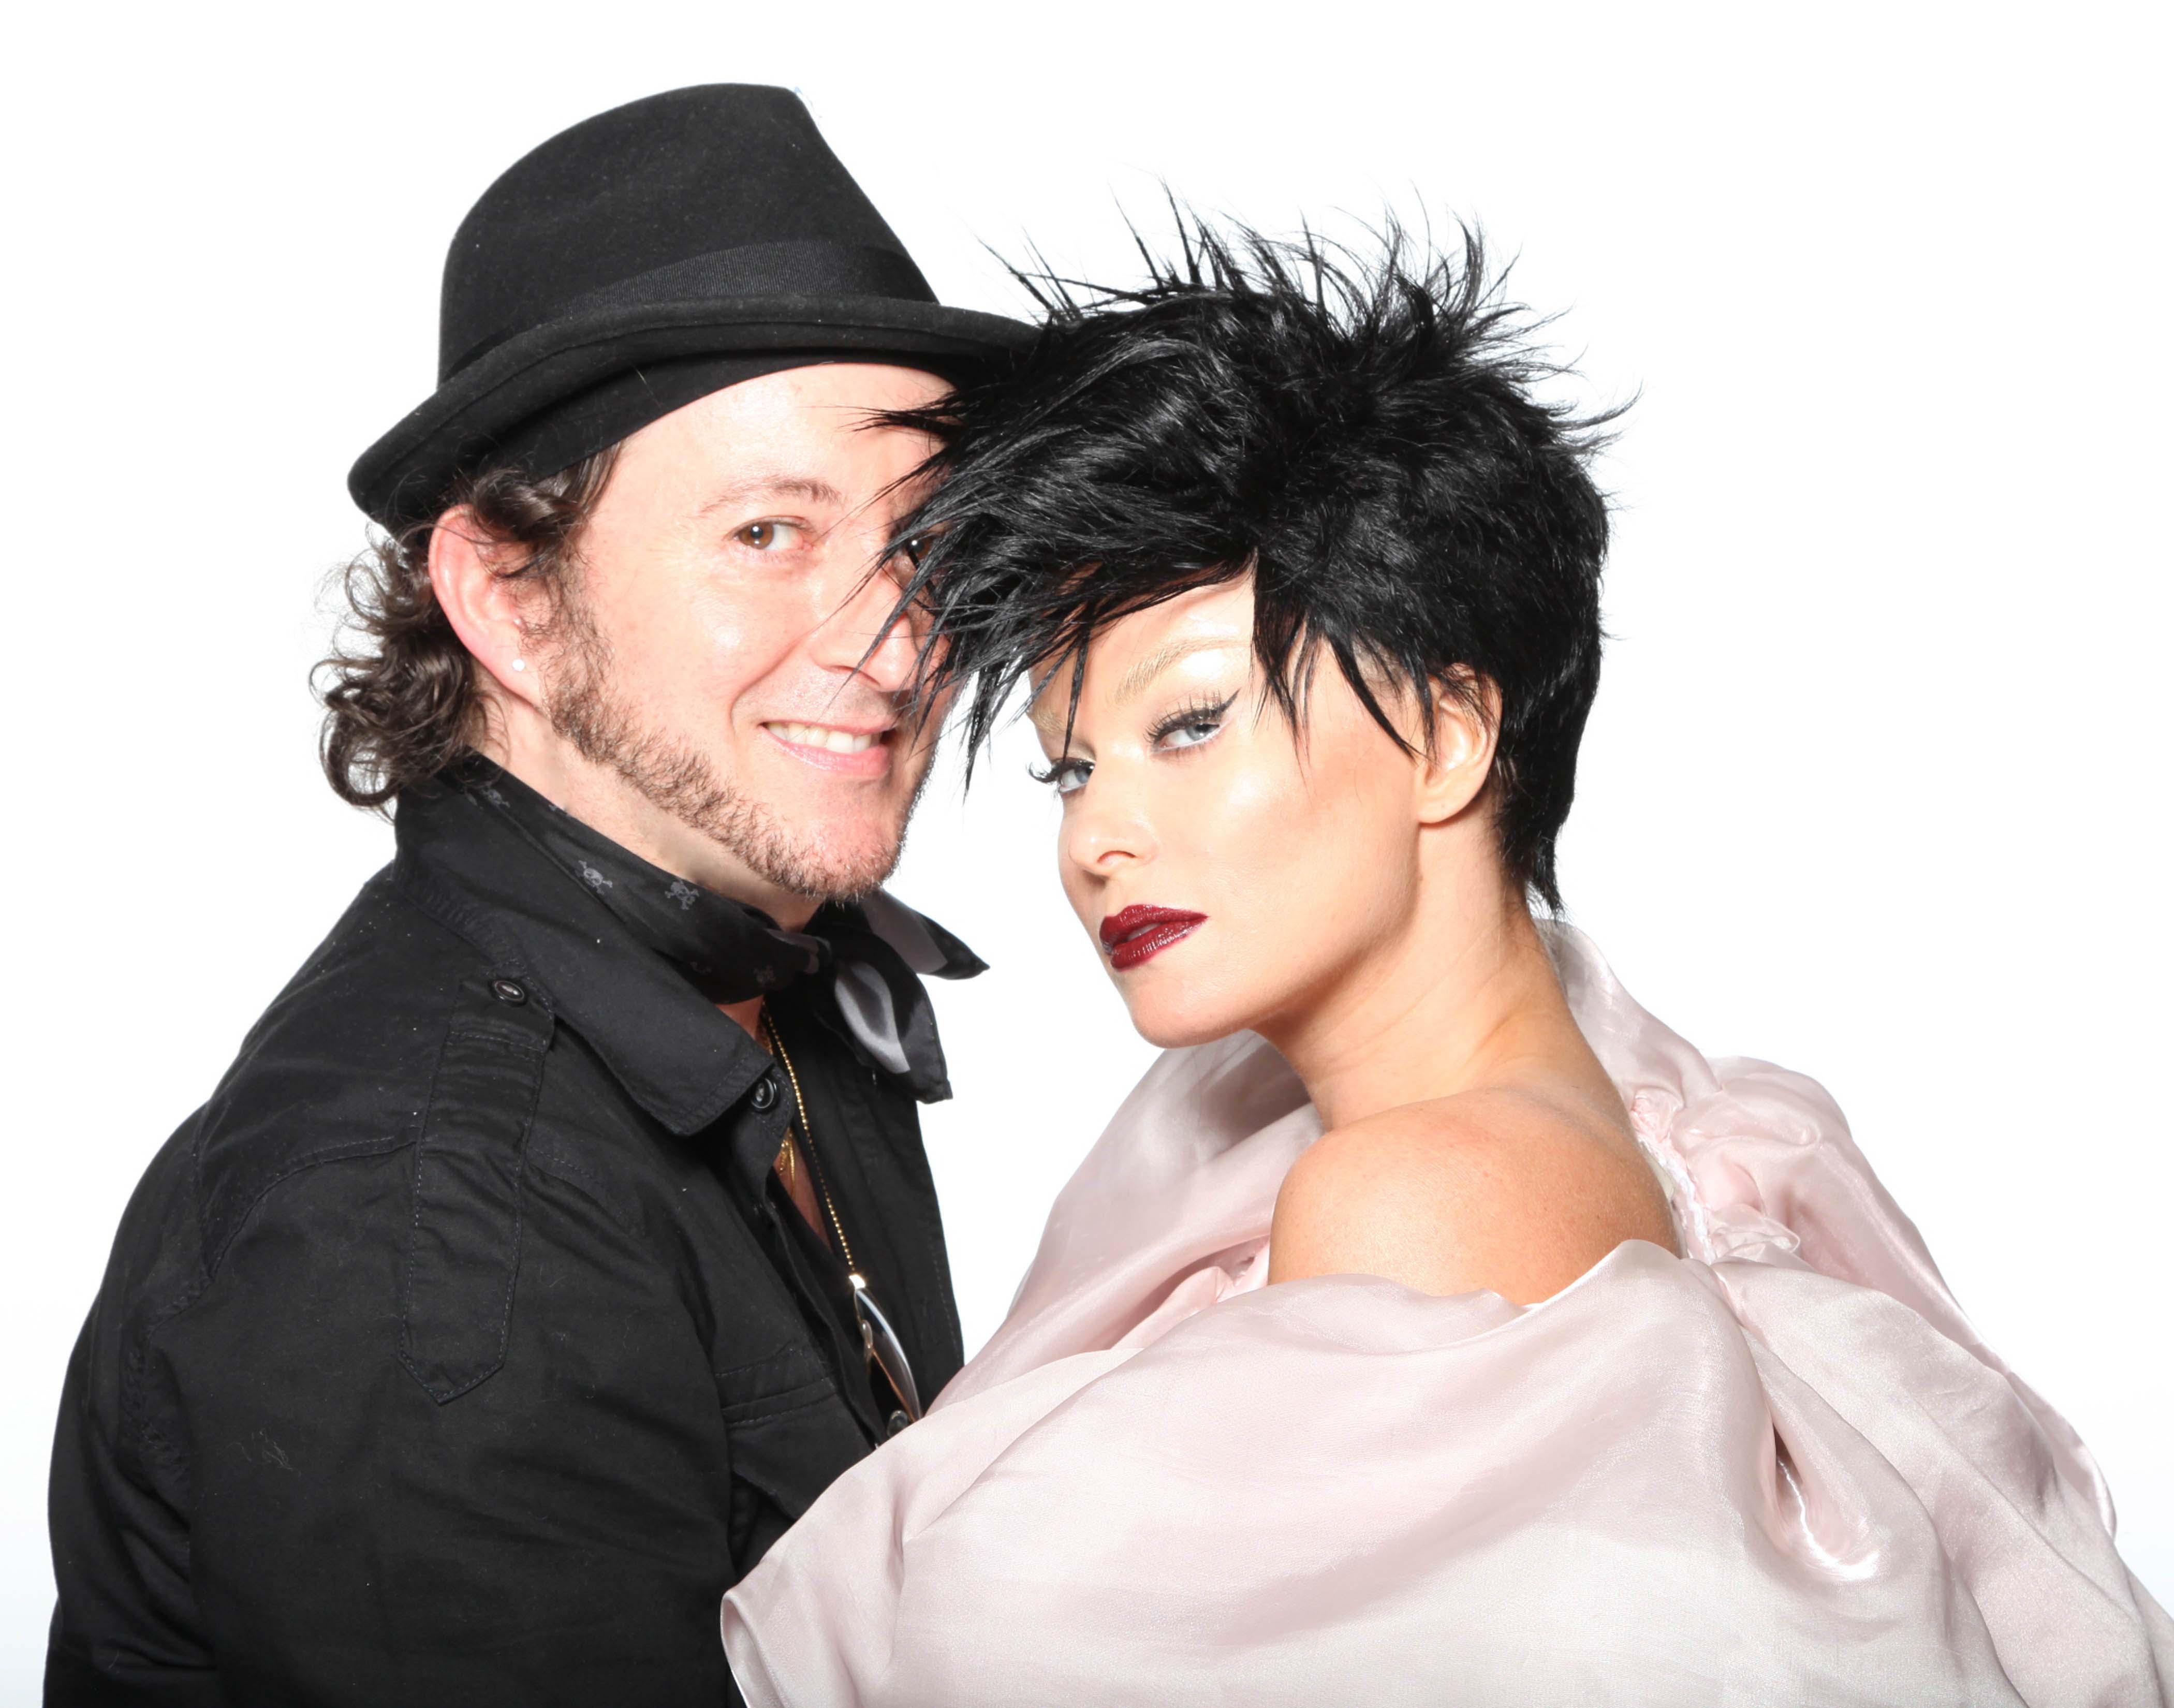 Davide Torchio and Carmen Electra